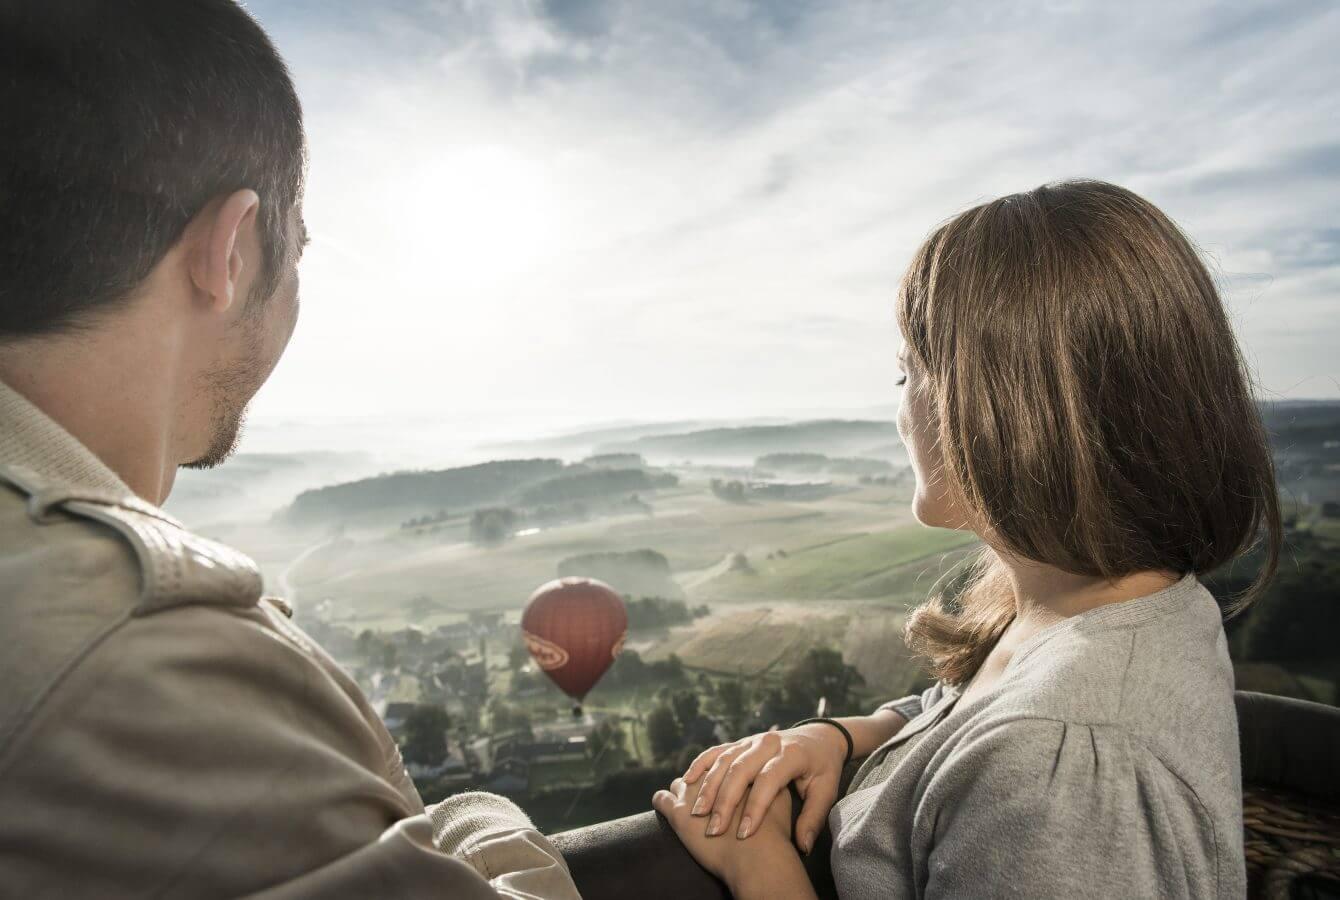 Ballon, Paar, Region